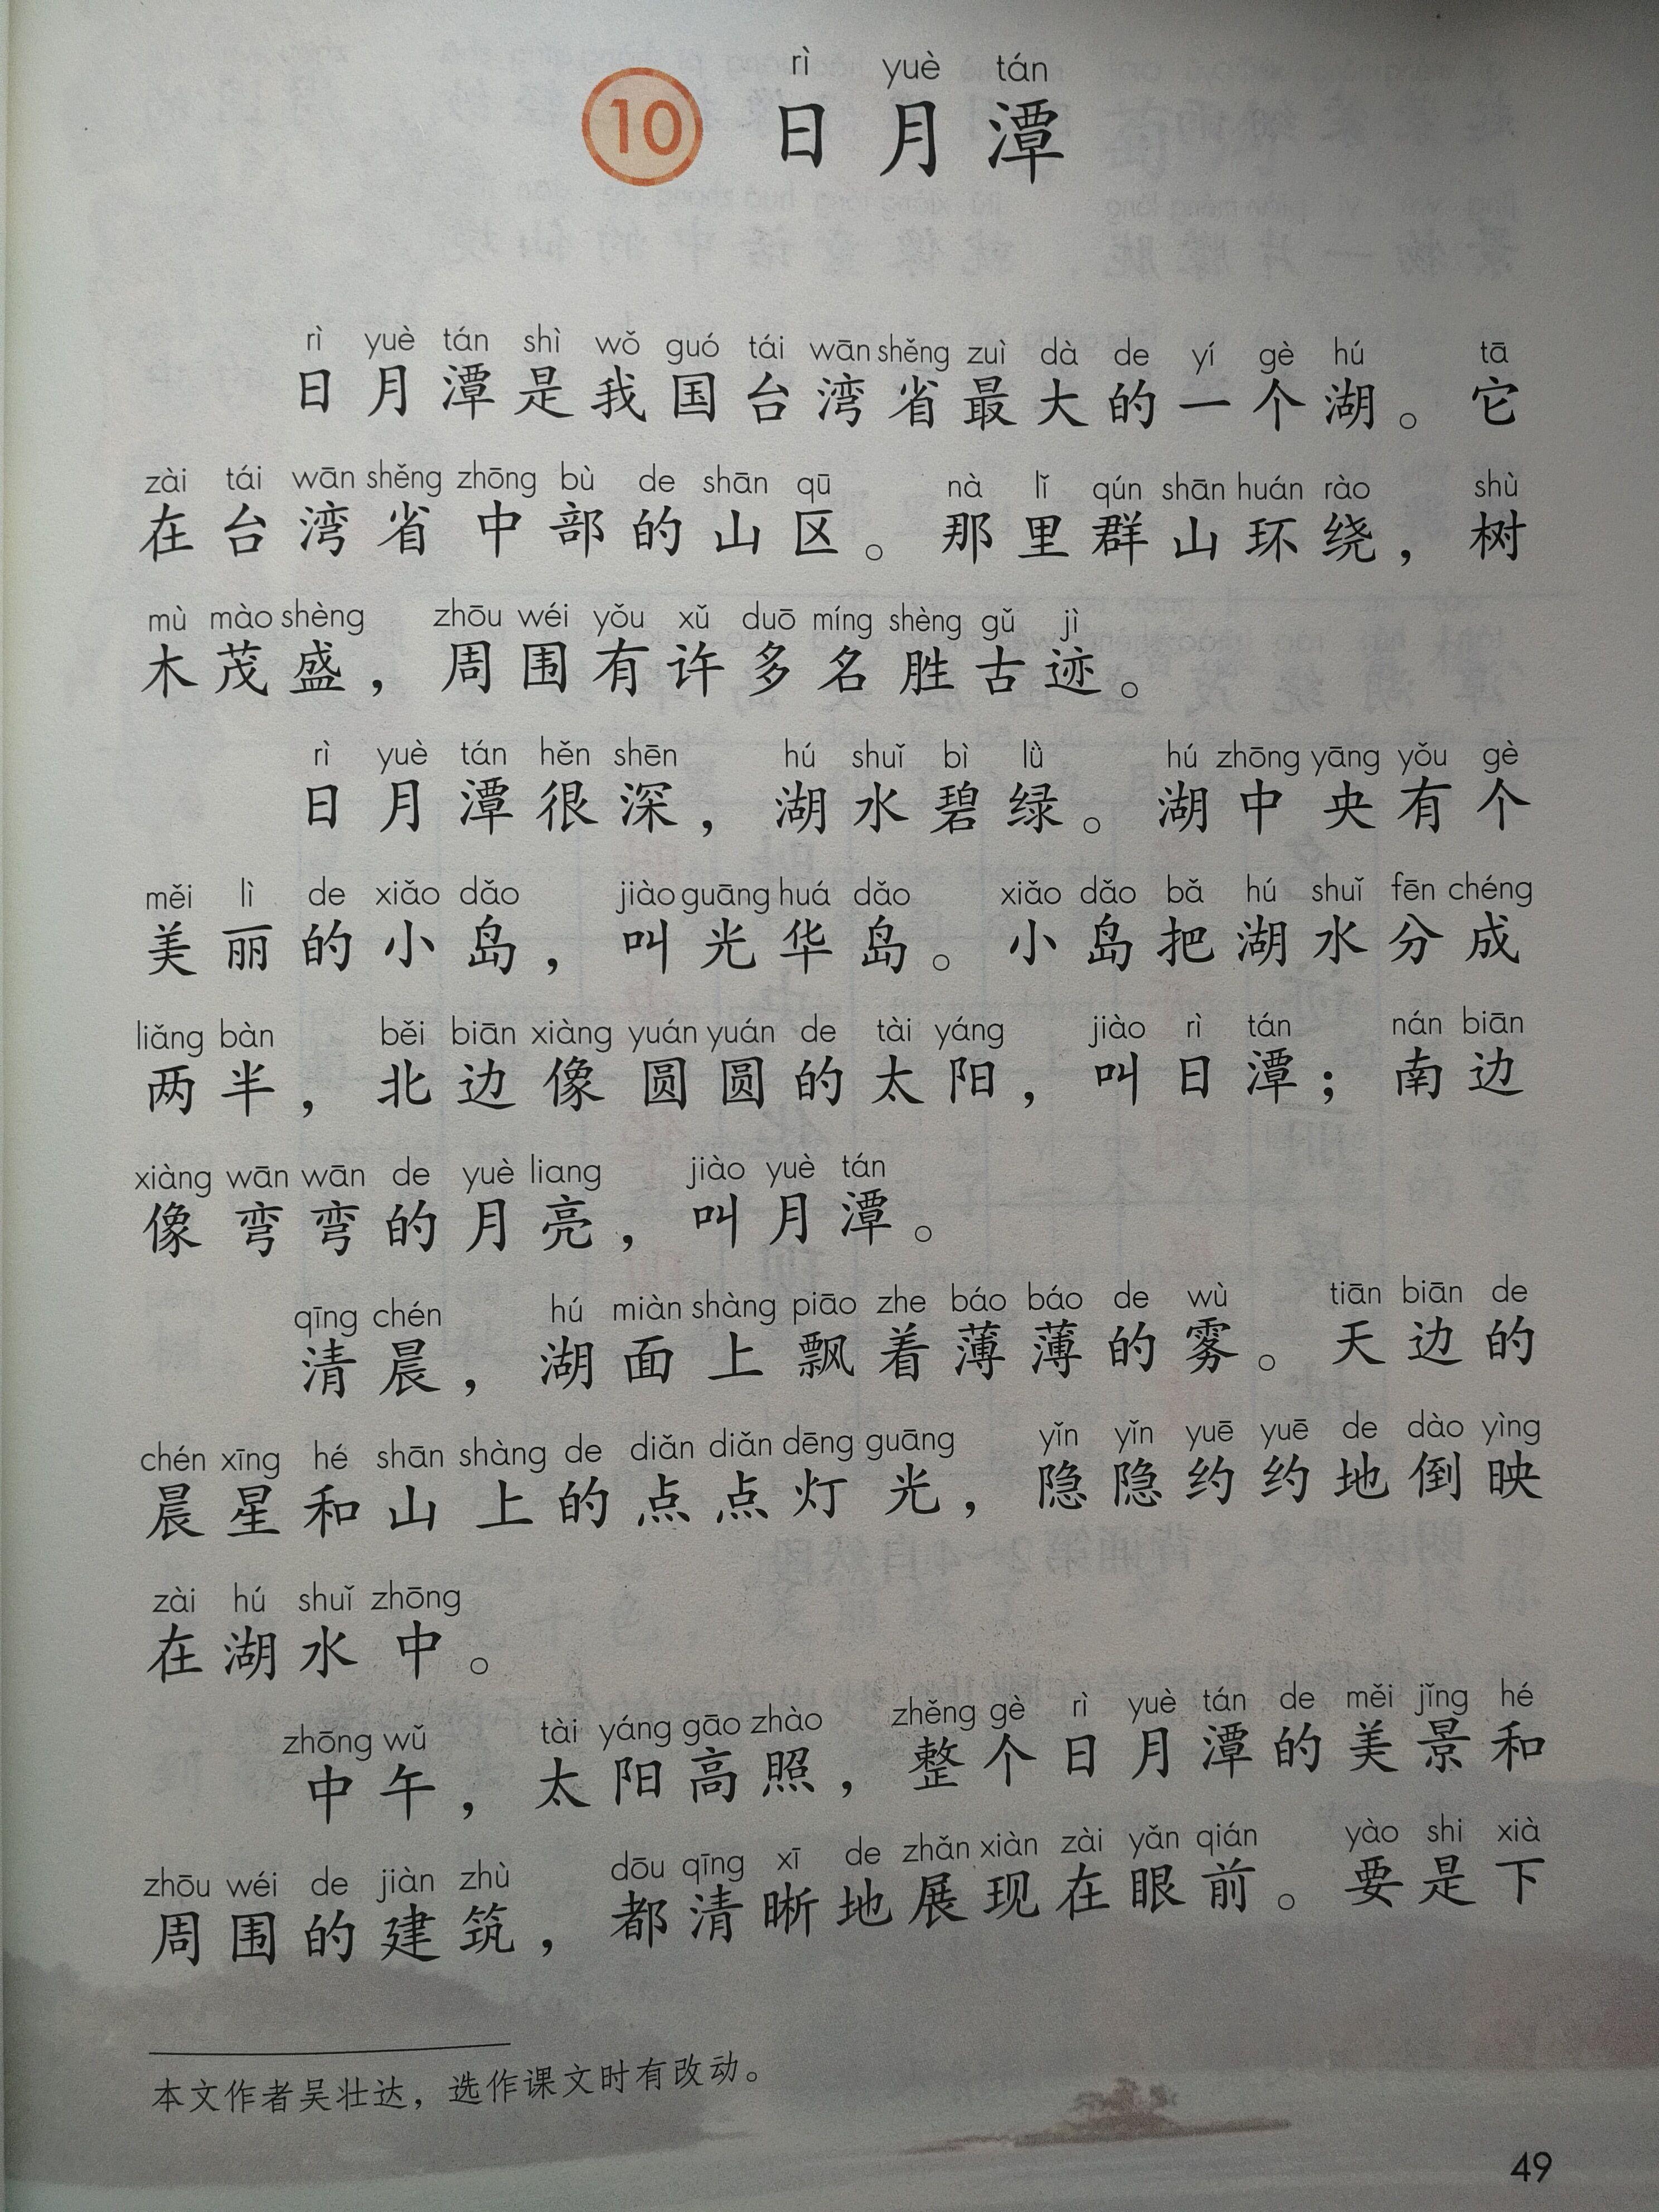 三字经体高考作文_课文 第十课 日月潭